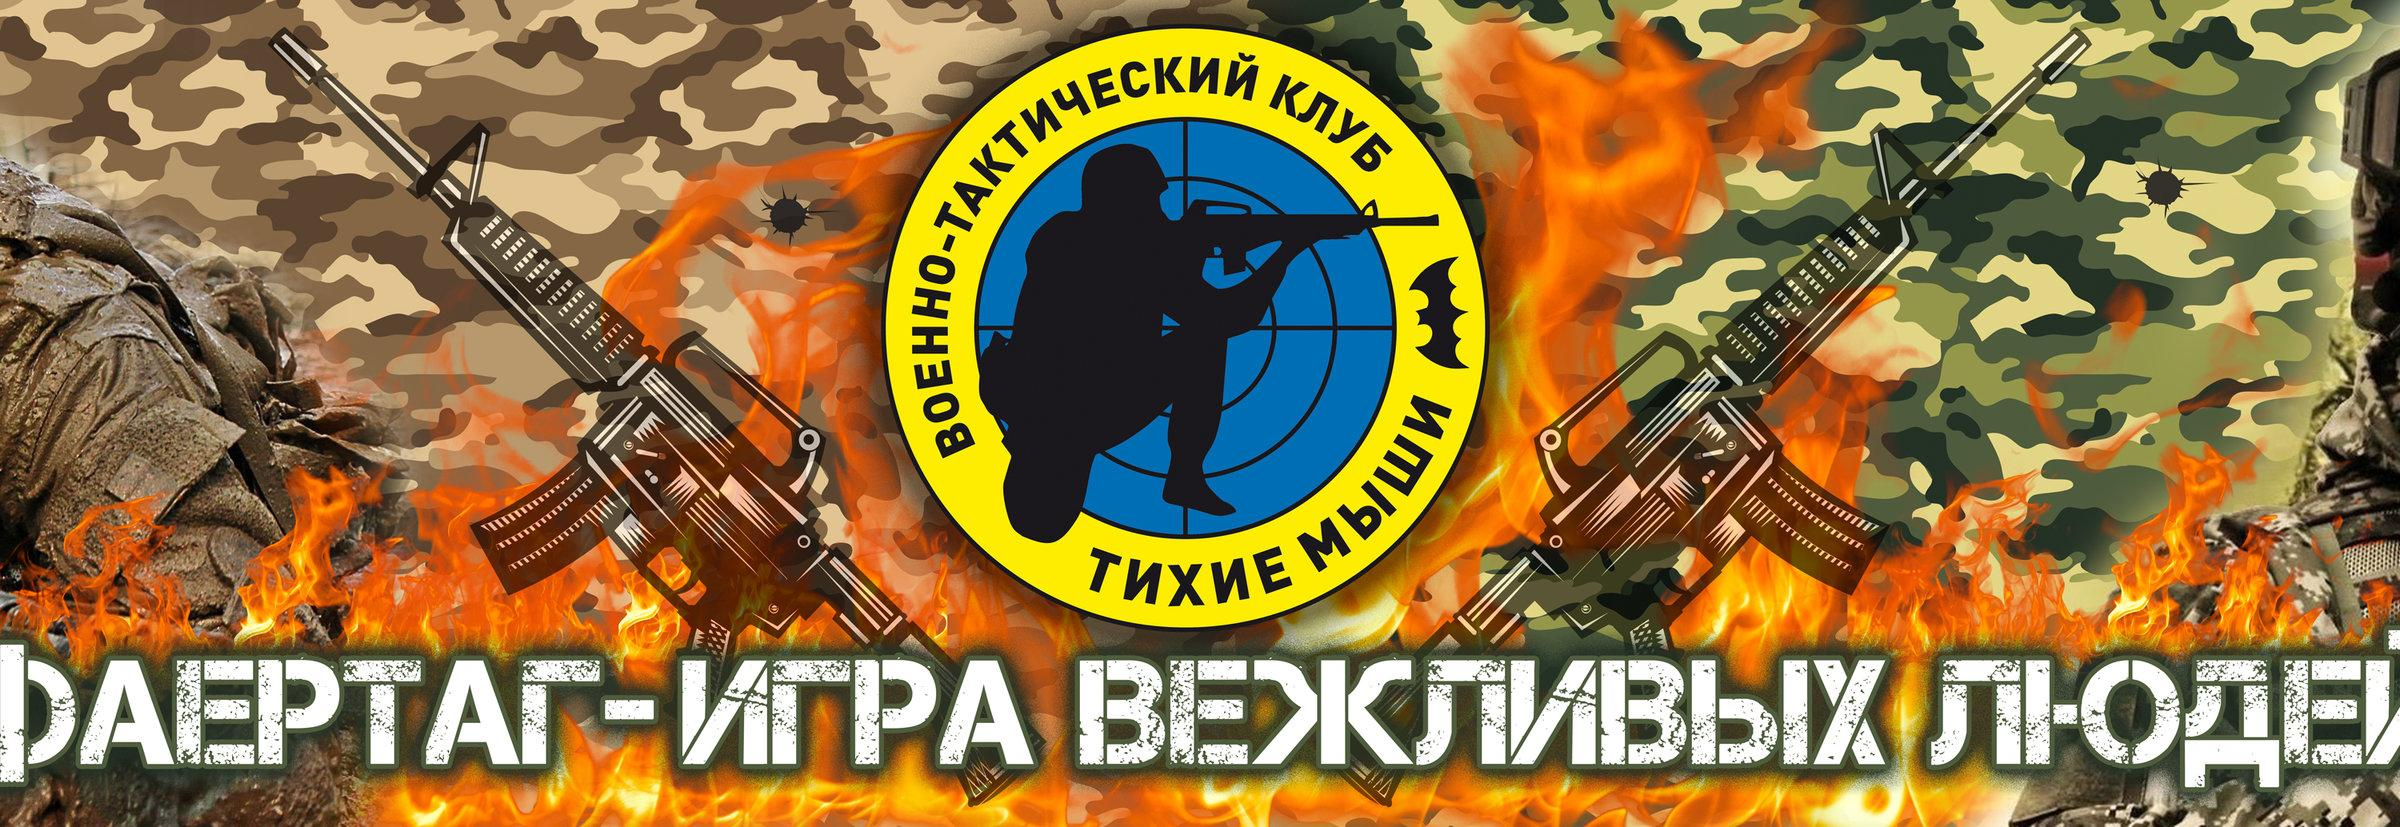 фотография Военно-тактического клуба Тихие мыши на Пулковском шоссе